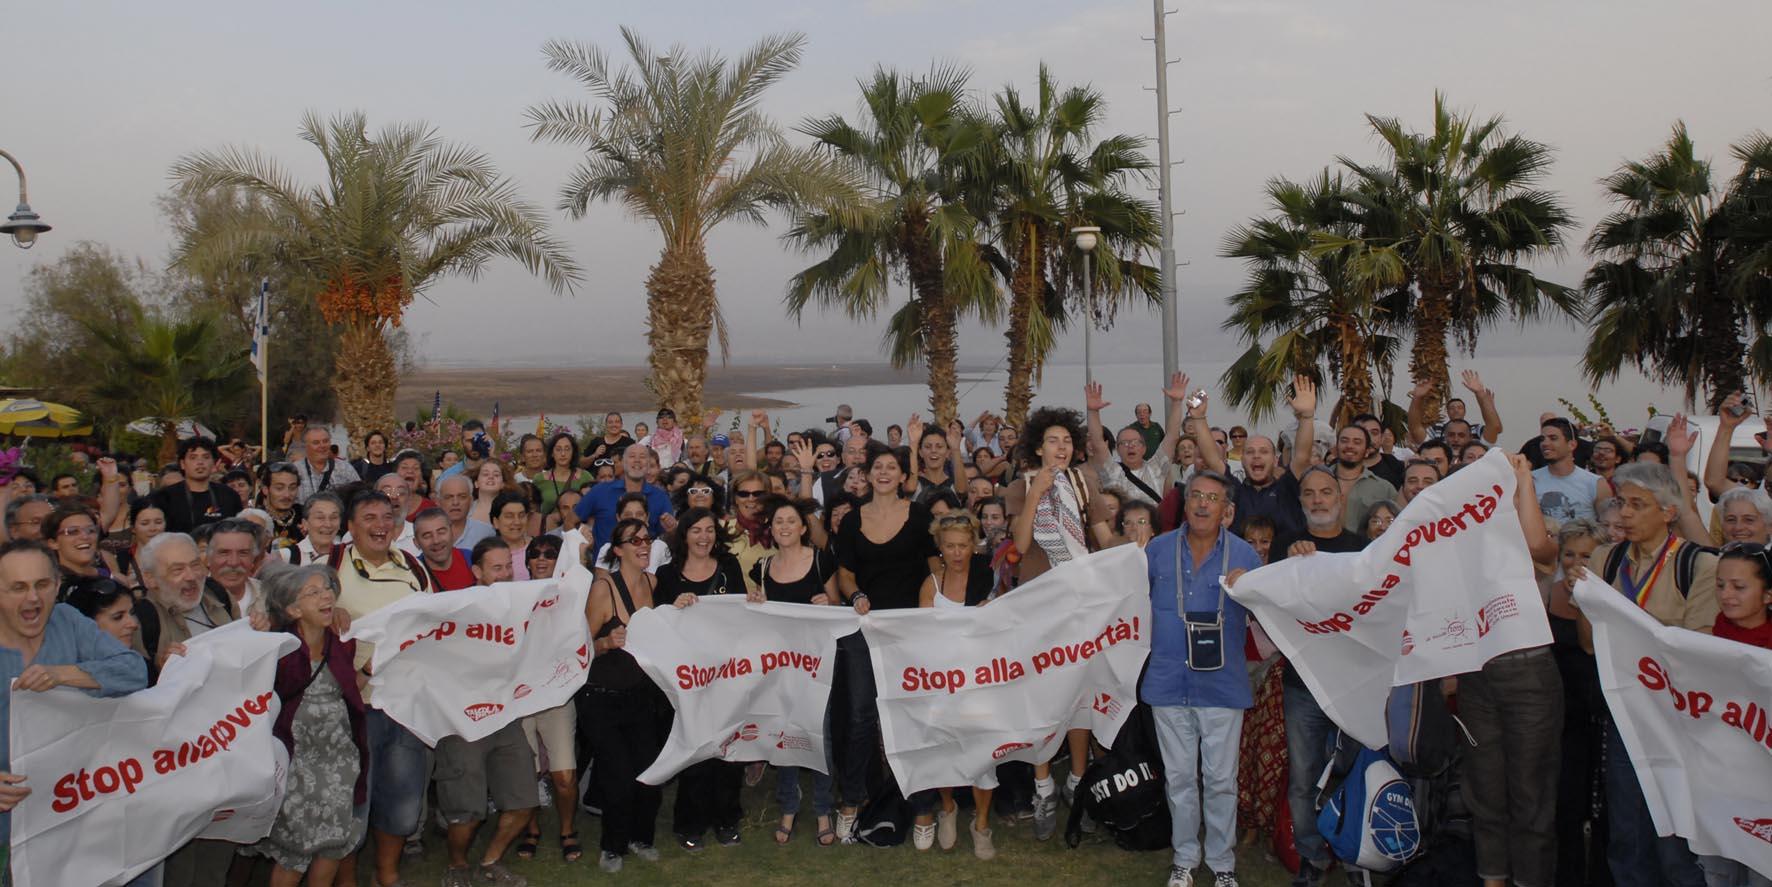 Stand Up 2009: oltre 820 mila italiani chiedono al governo di rispettare le promesse contro povertà e cambiamenti climatici...